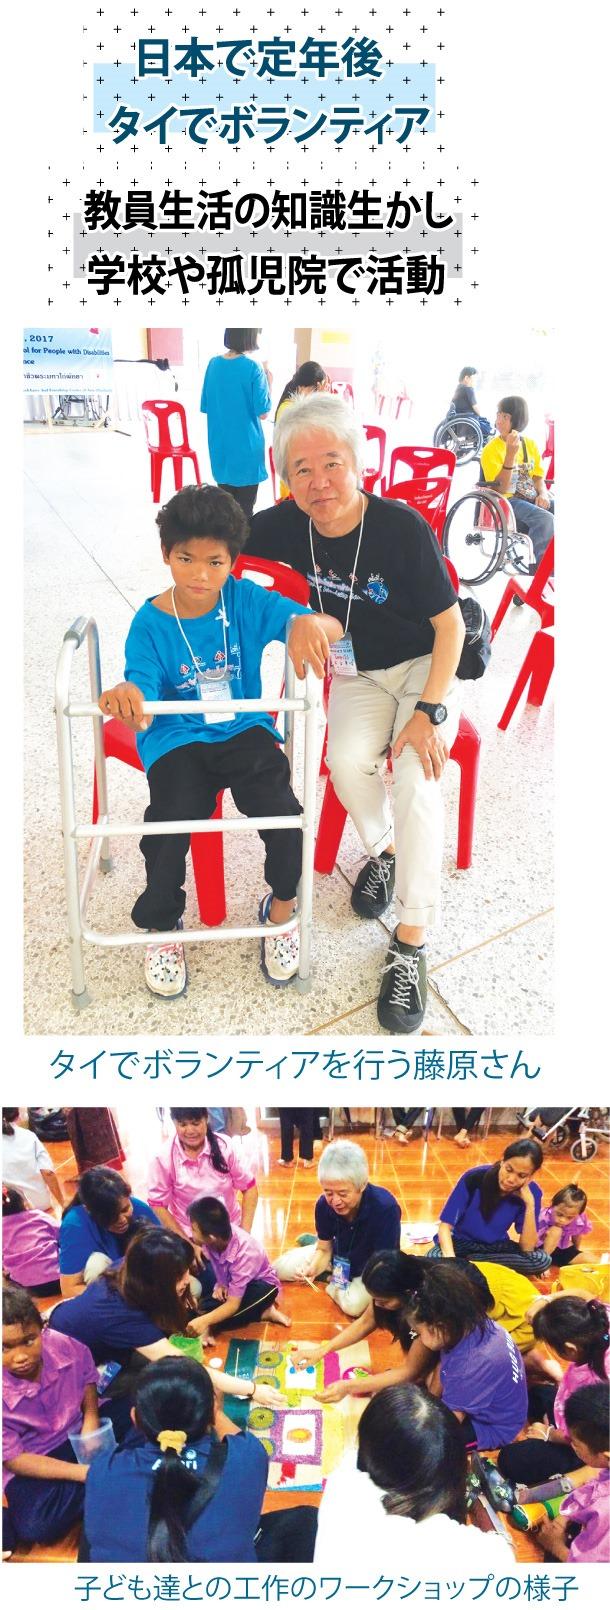 日本で定年後タイでボランティア、教員生活の知識生かし学校や孤児院で活動